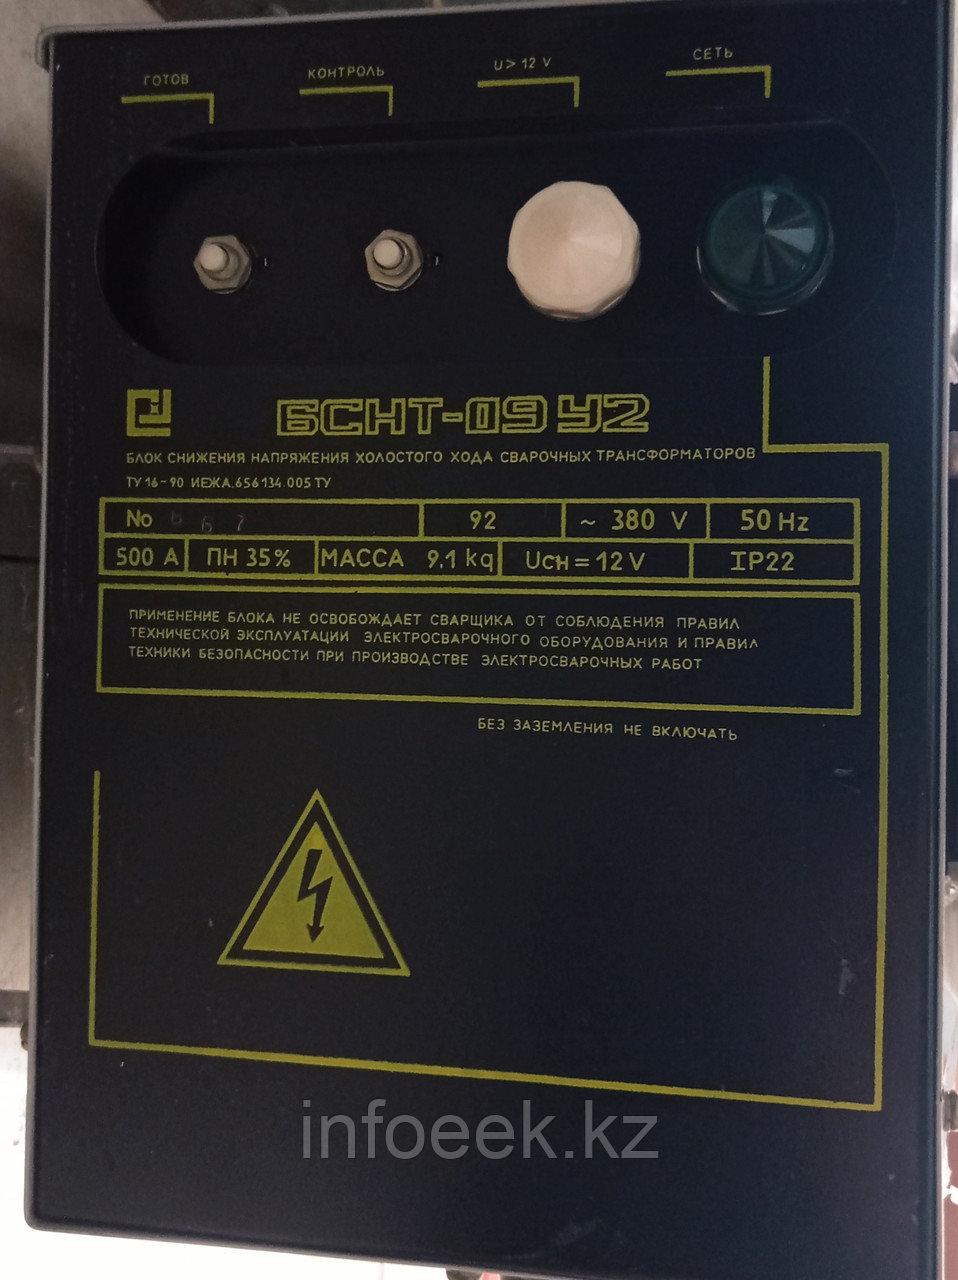 Блок снижения напряжения БСНТ-09 У2